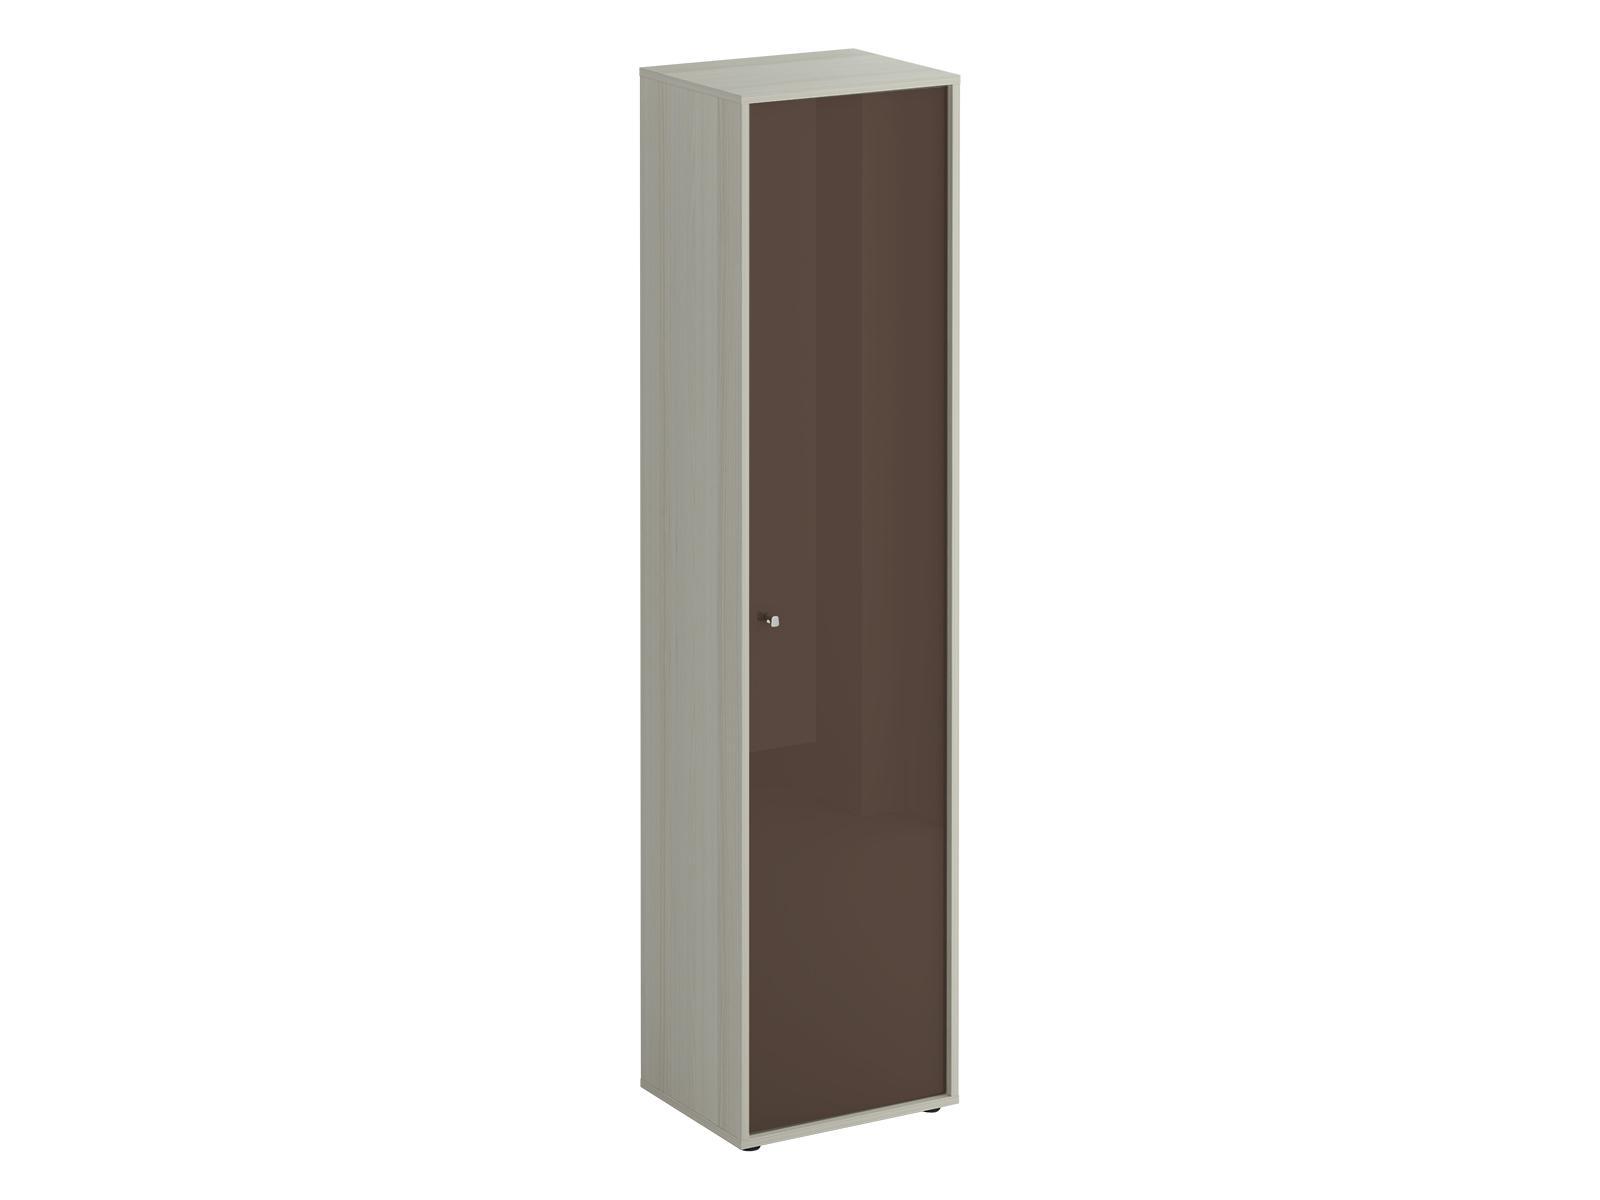 Шкаф однодверный LatteБельевые шкафы<br>Шкаф однодверный. Наполнение шкафа - 5 полок. Шкаф крепится к стене.&amp;lt;div&amp;gt;&amp;lt;br&amp;gt;&amp;lt;/div&amp;gt;&amp;lt;div&amp;gt;Ручки в комплект не входят&amp;lt;br&amp;gt;&amp;lt;div&amp;gt;&amp;lt;br&amp;gt;&amp;lt;/div&amp;gt;&amp;lt;/div&amp;gt;<br><br>Material: ДСП<br>Width см: 46<br>Depth см: 37<br>Height см: 191